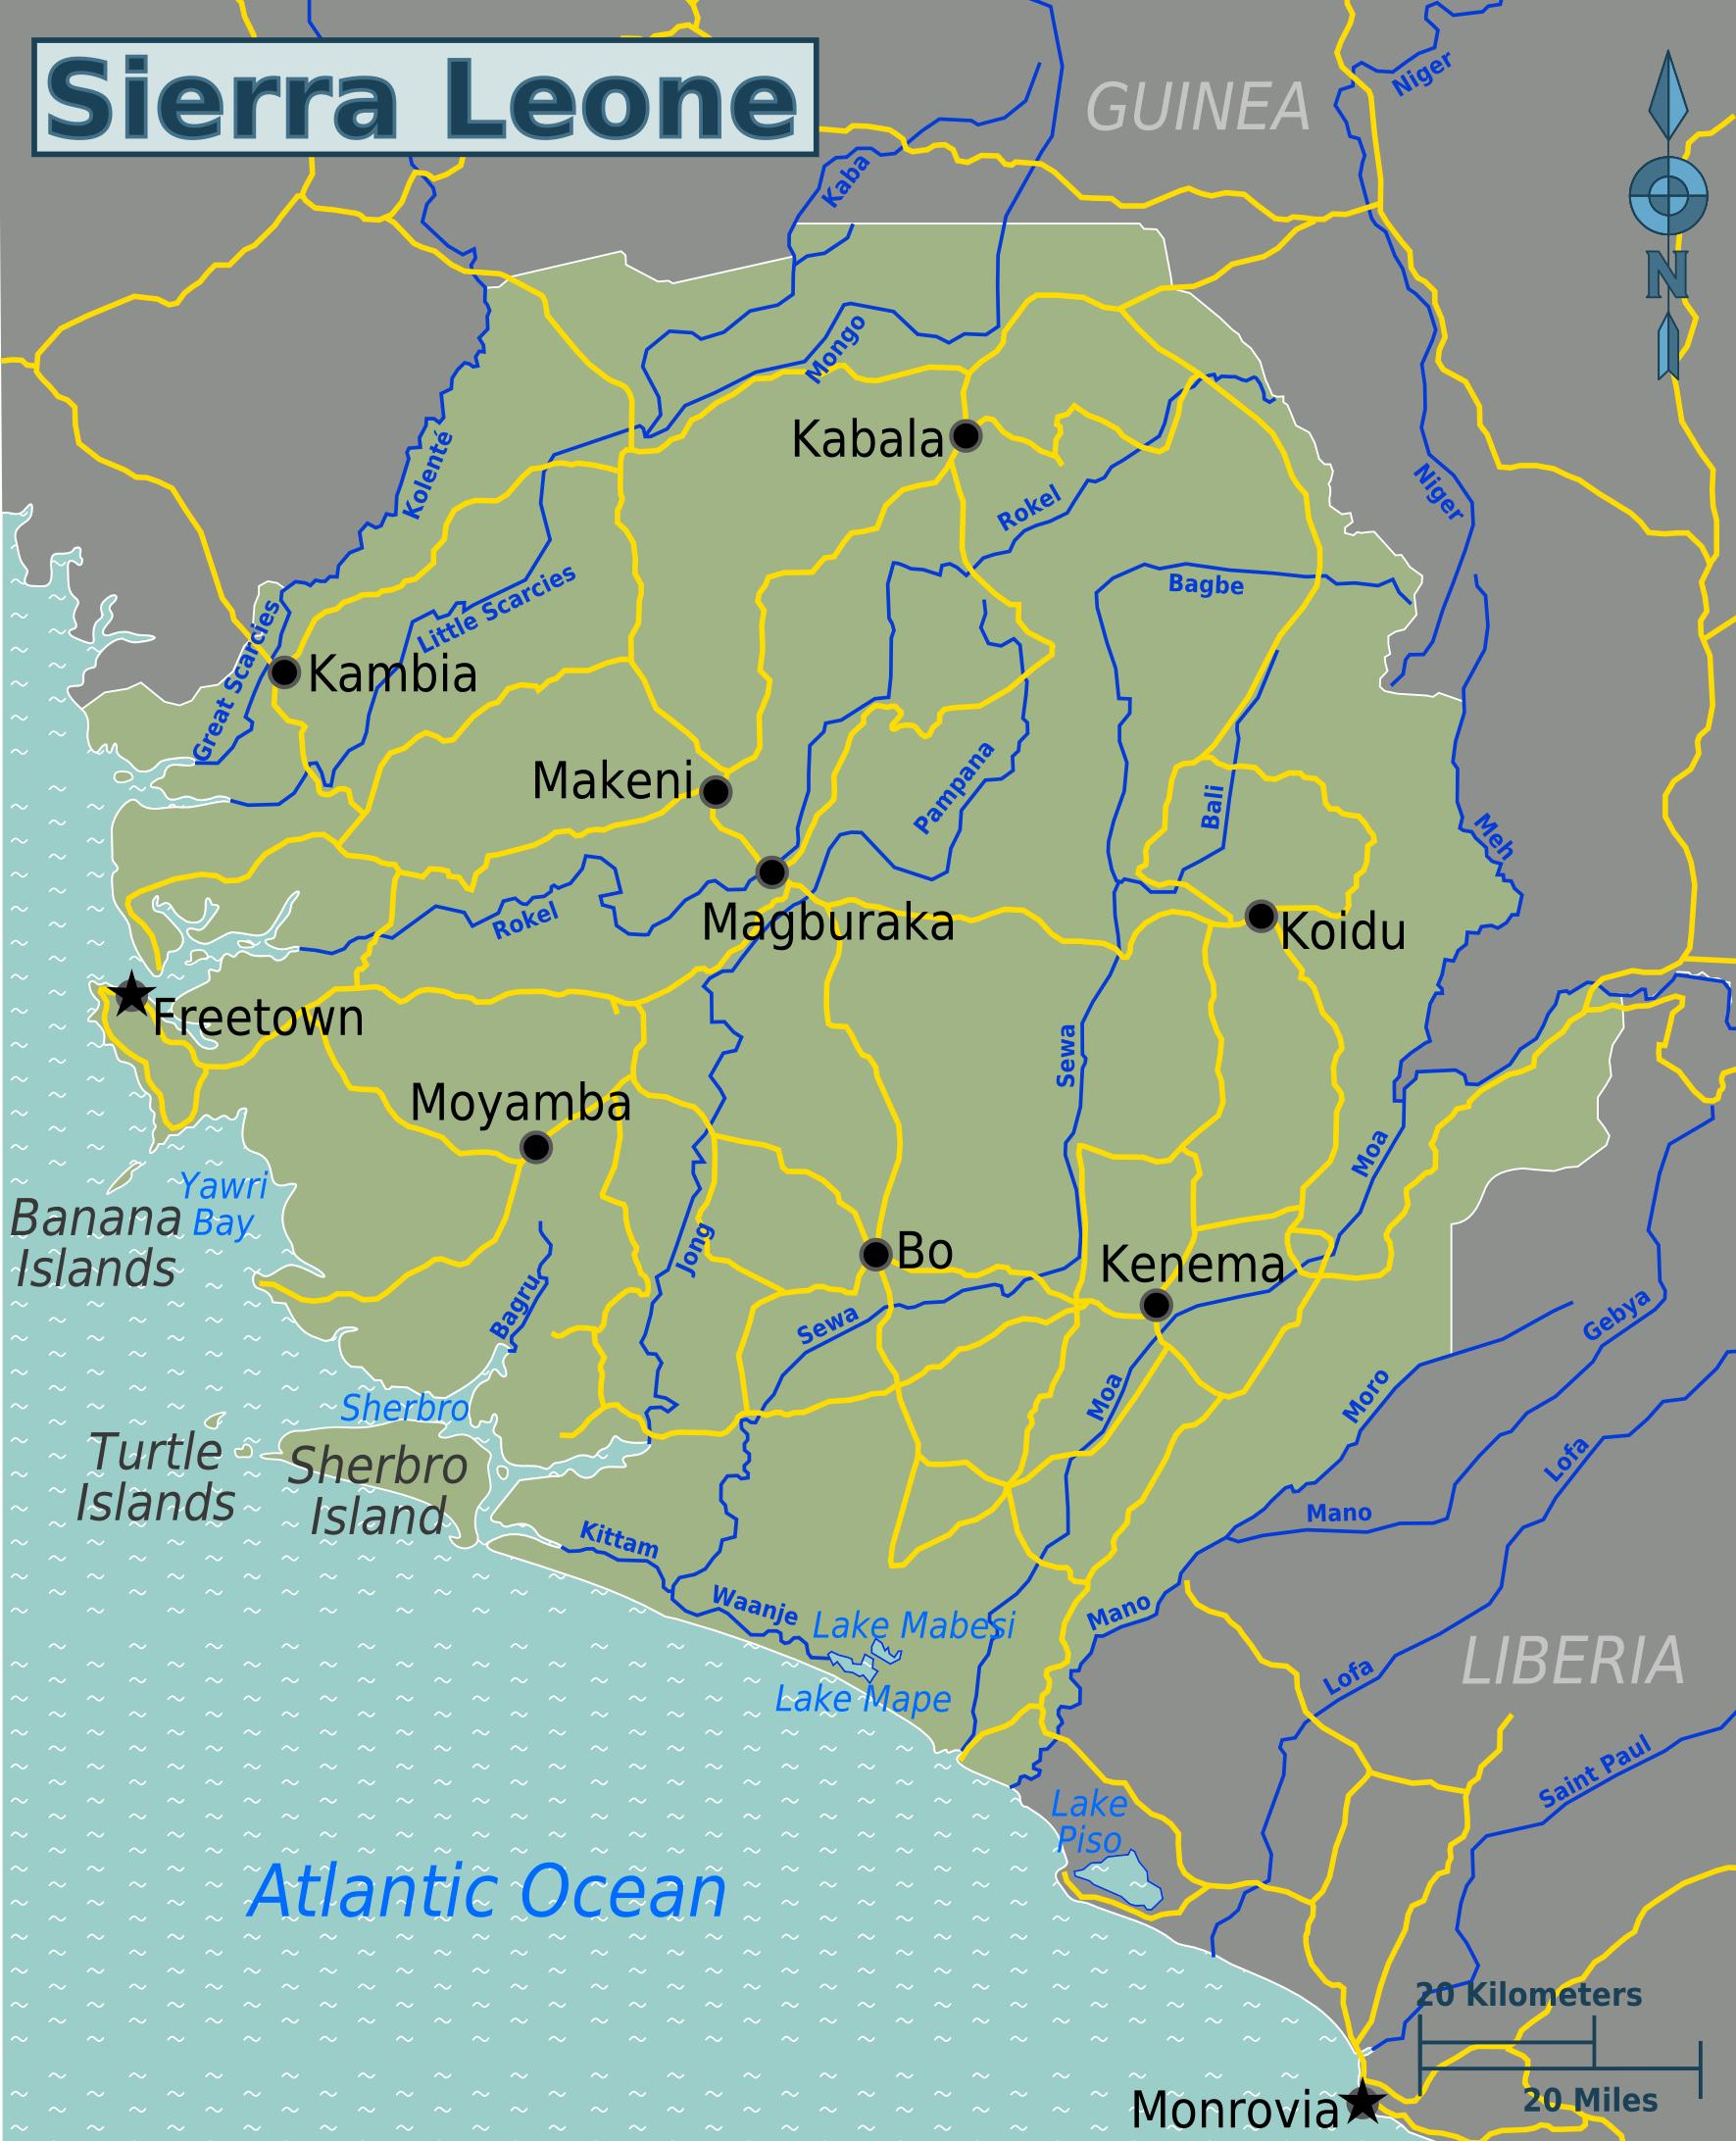 Map Of Sierra Leone Overview Map Worldofmapsnet Online Maps - Sierra leone map